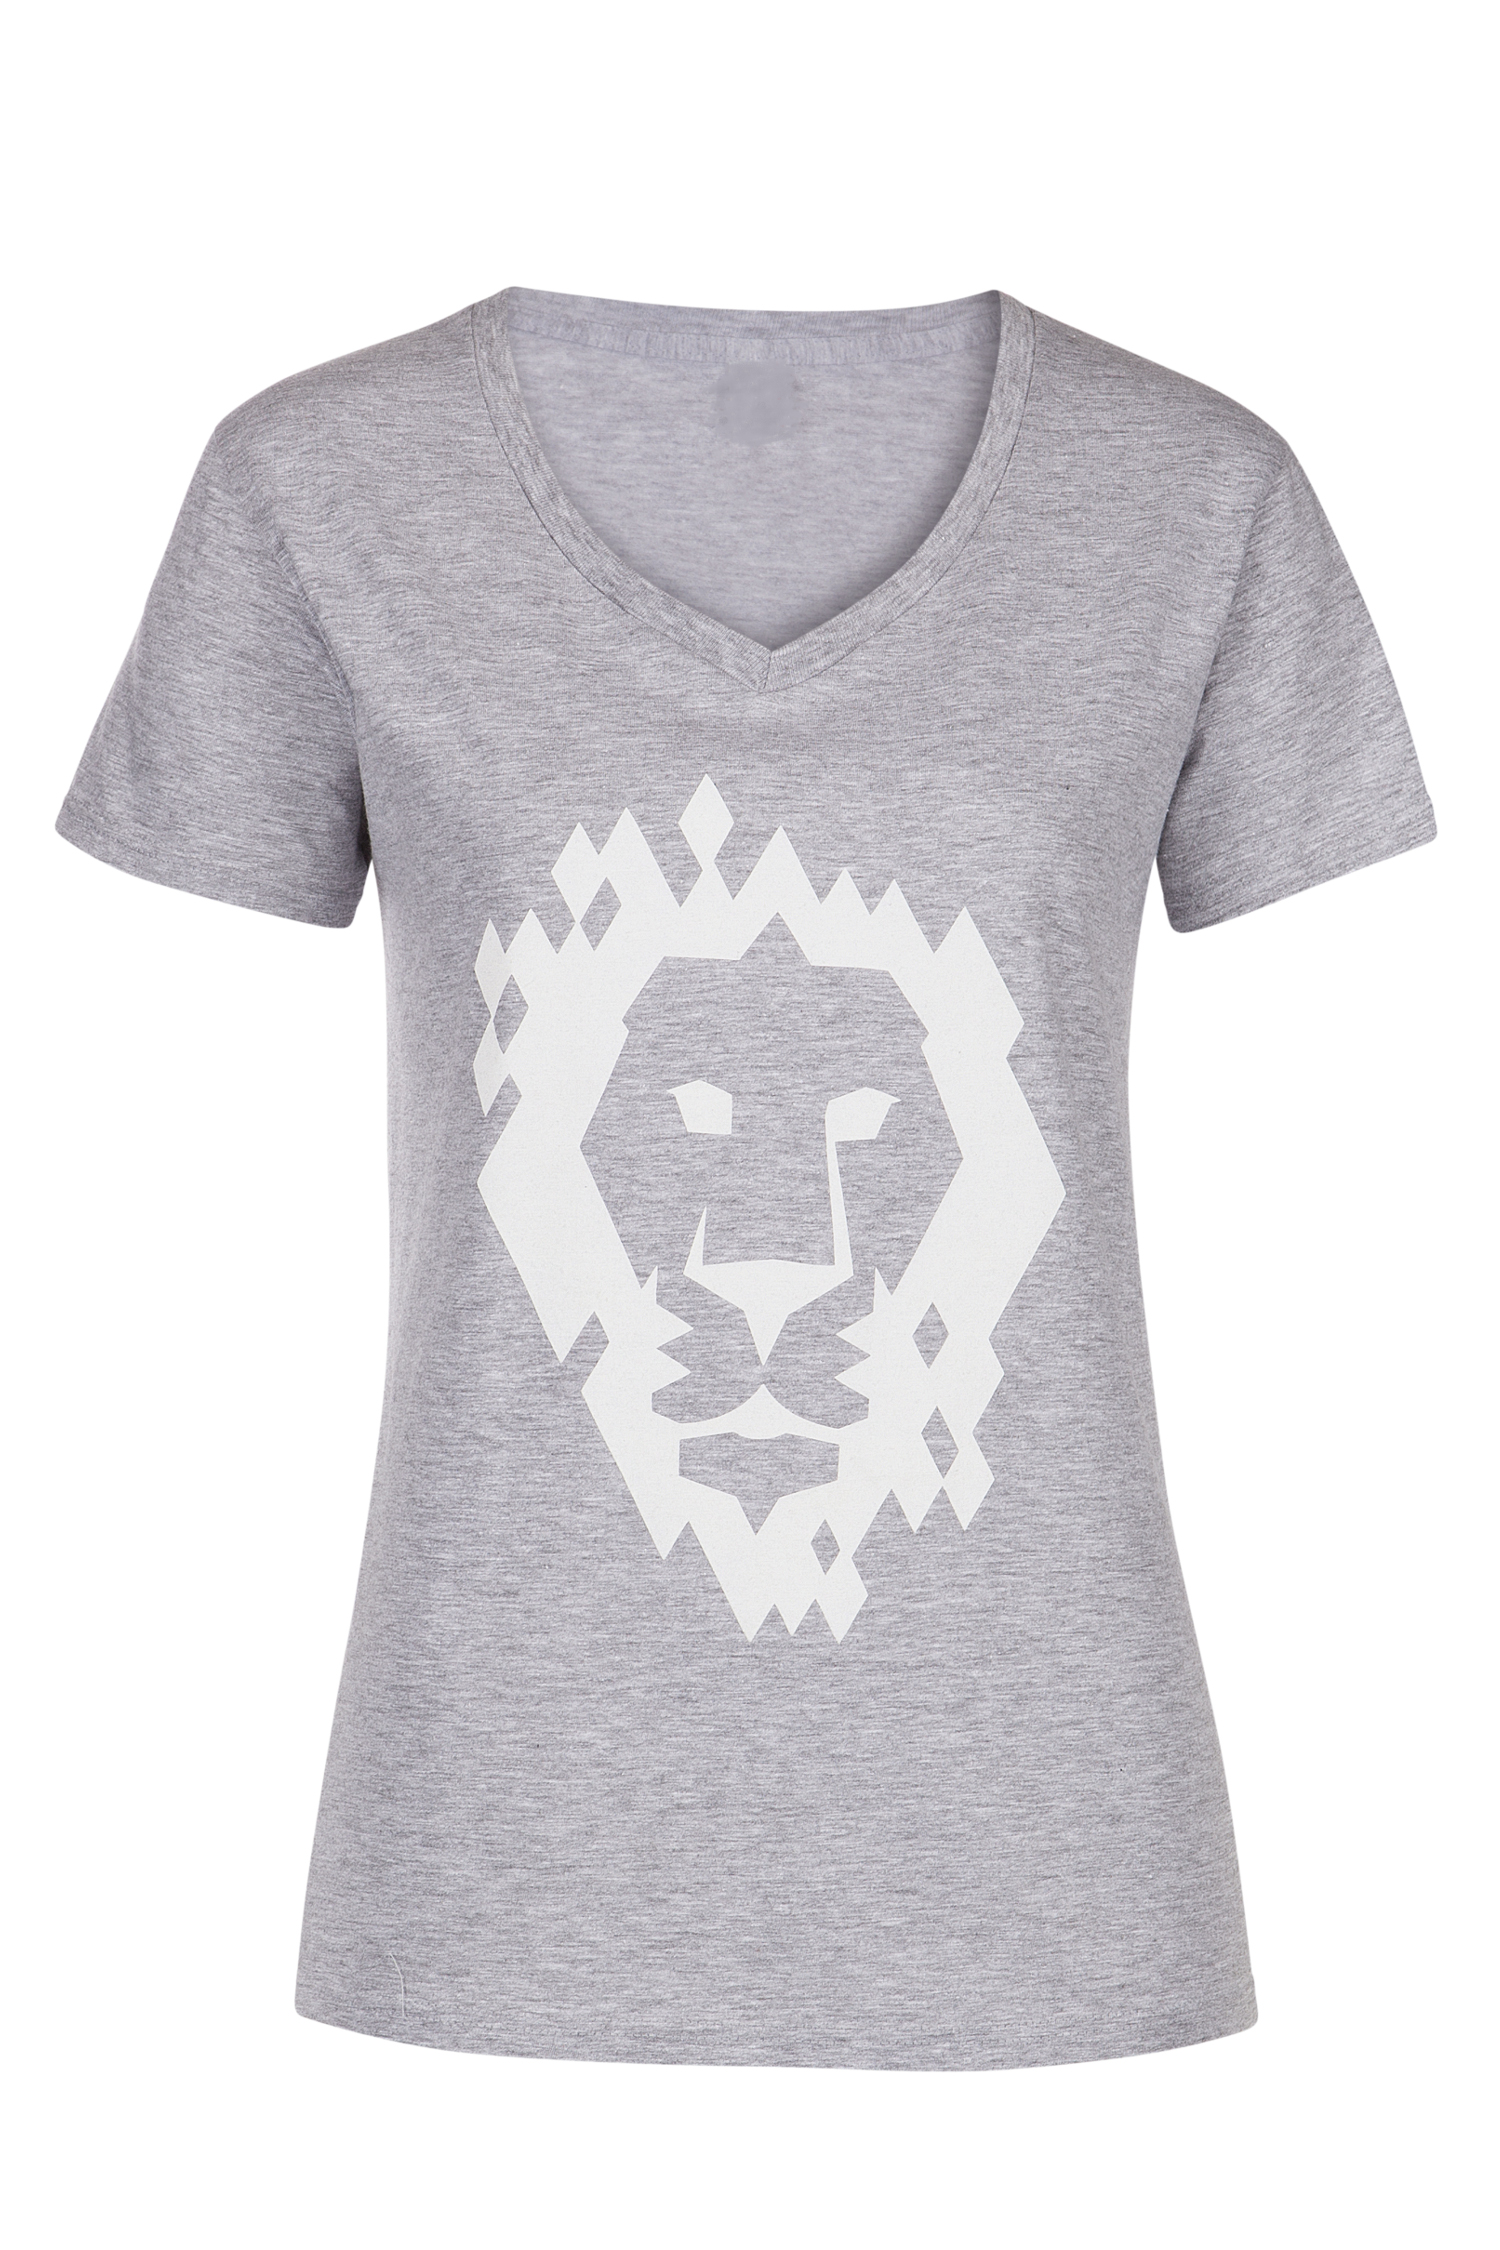 T-Shirt Löwe S |